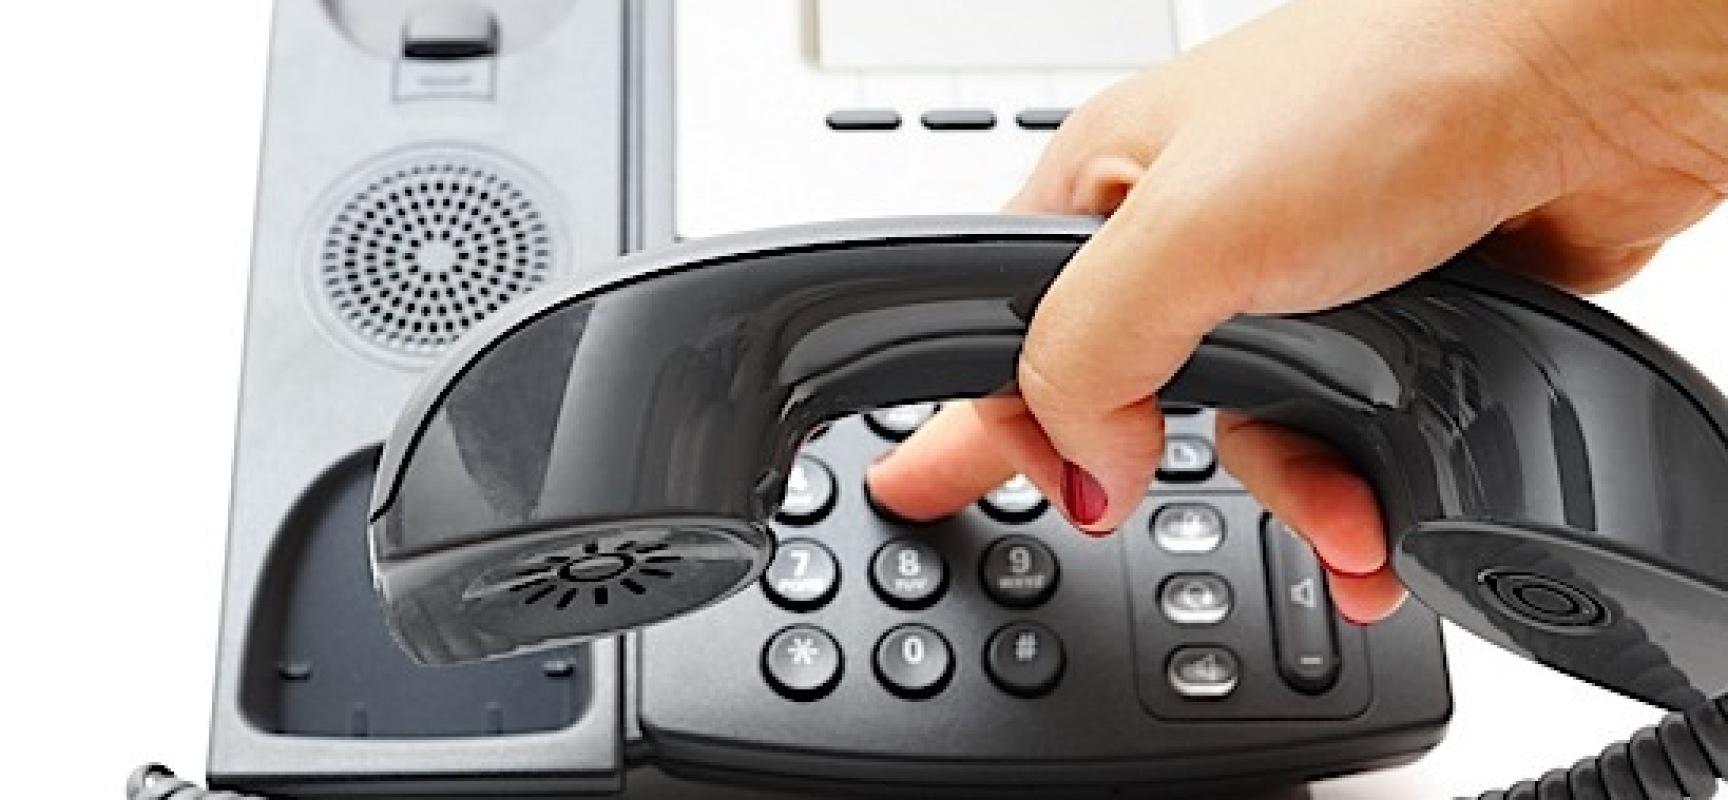 Disservizio Tim Telecom Come Risolverlo Unione Dei Consumatori